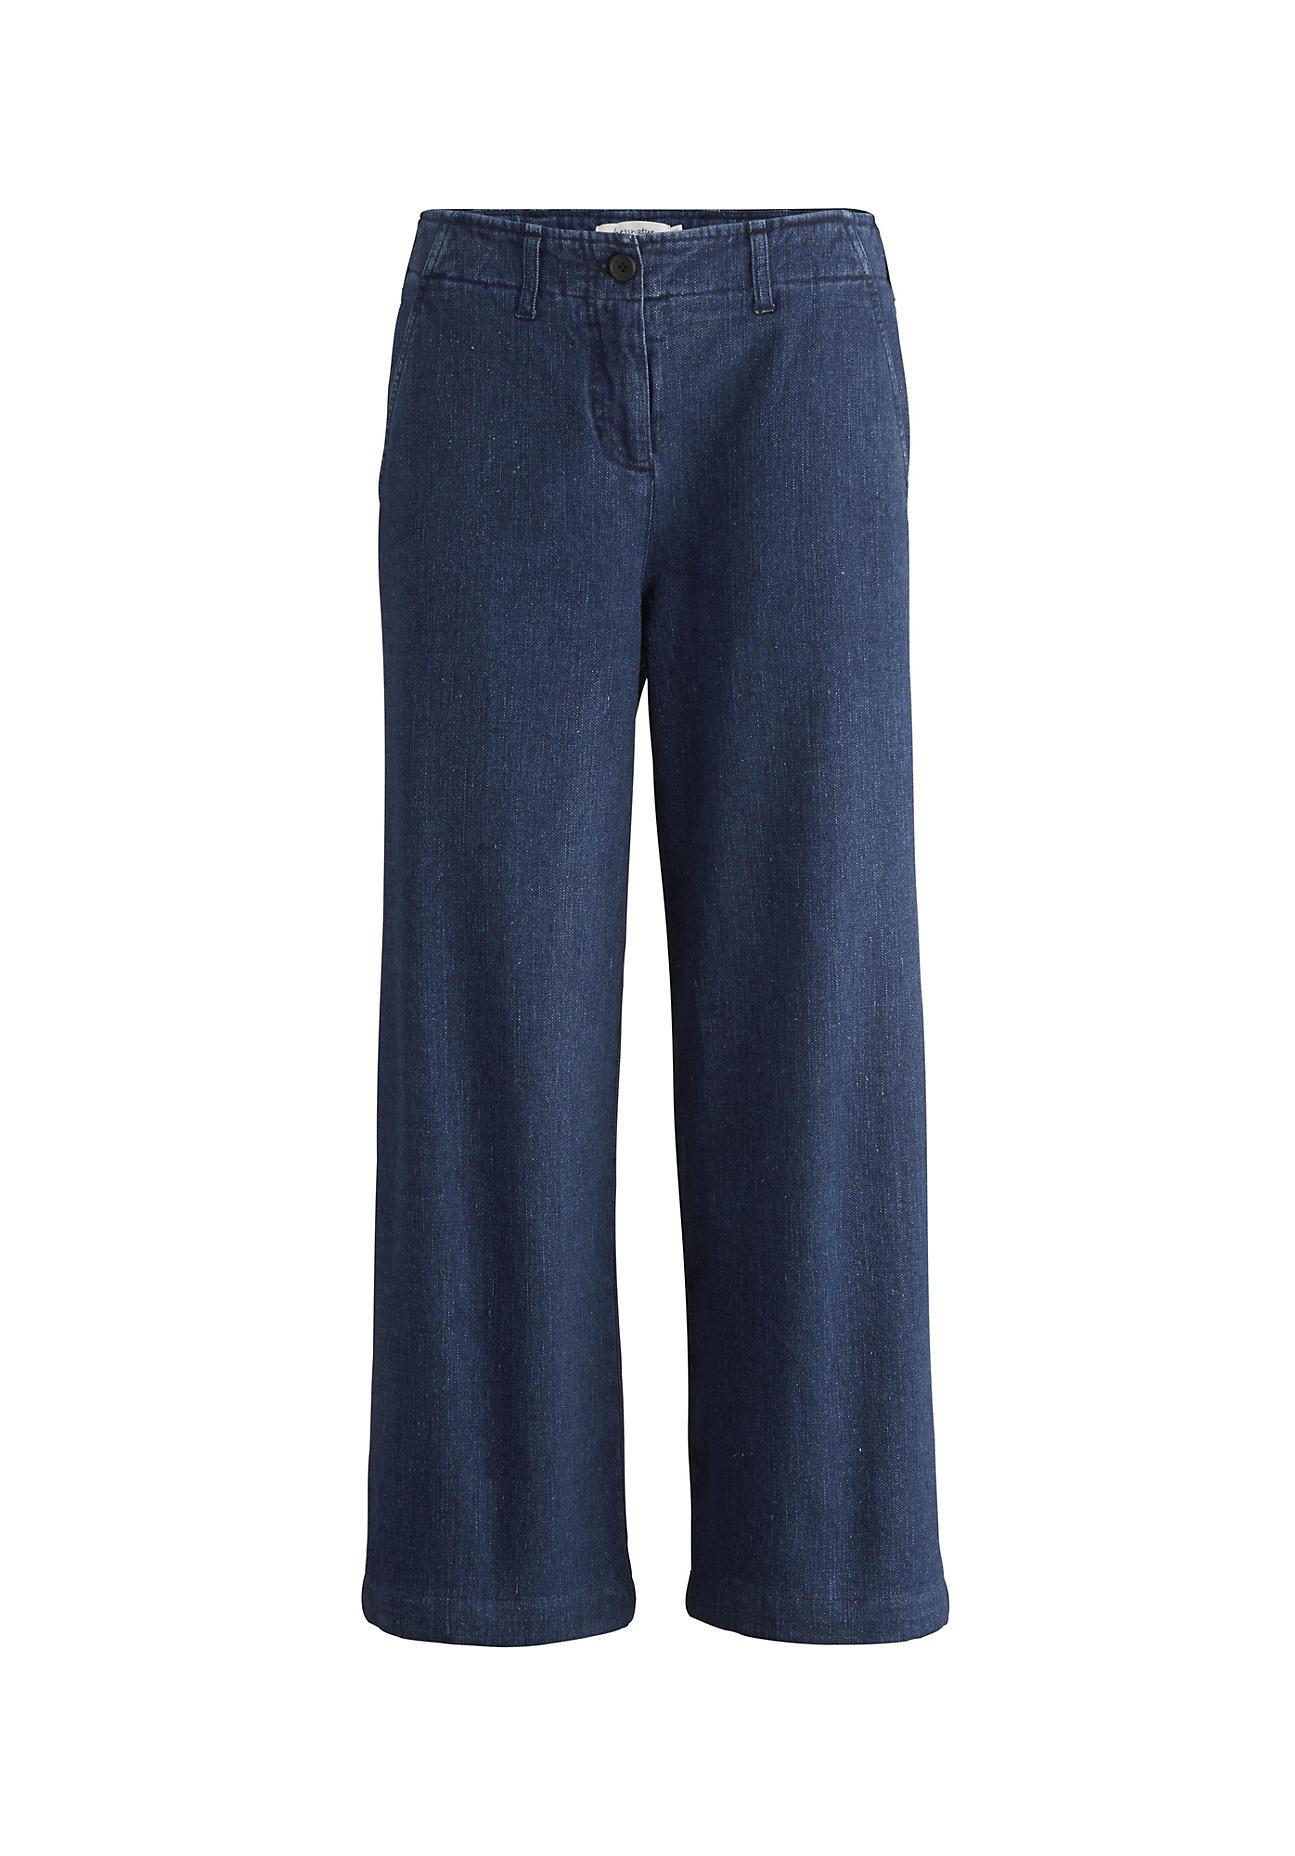 Hosen - hessnatur Damen Jeans Culotte aus Hanf mit Bio Baumwolle – blau –  - Onlineshop Hessnatur